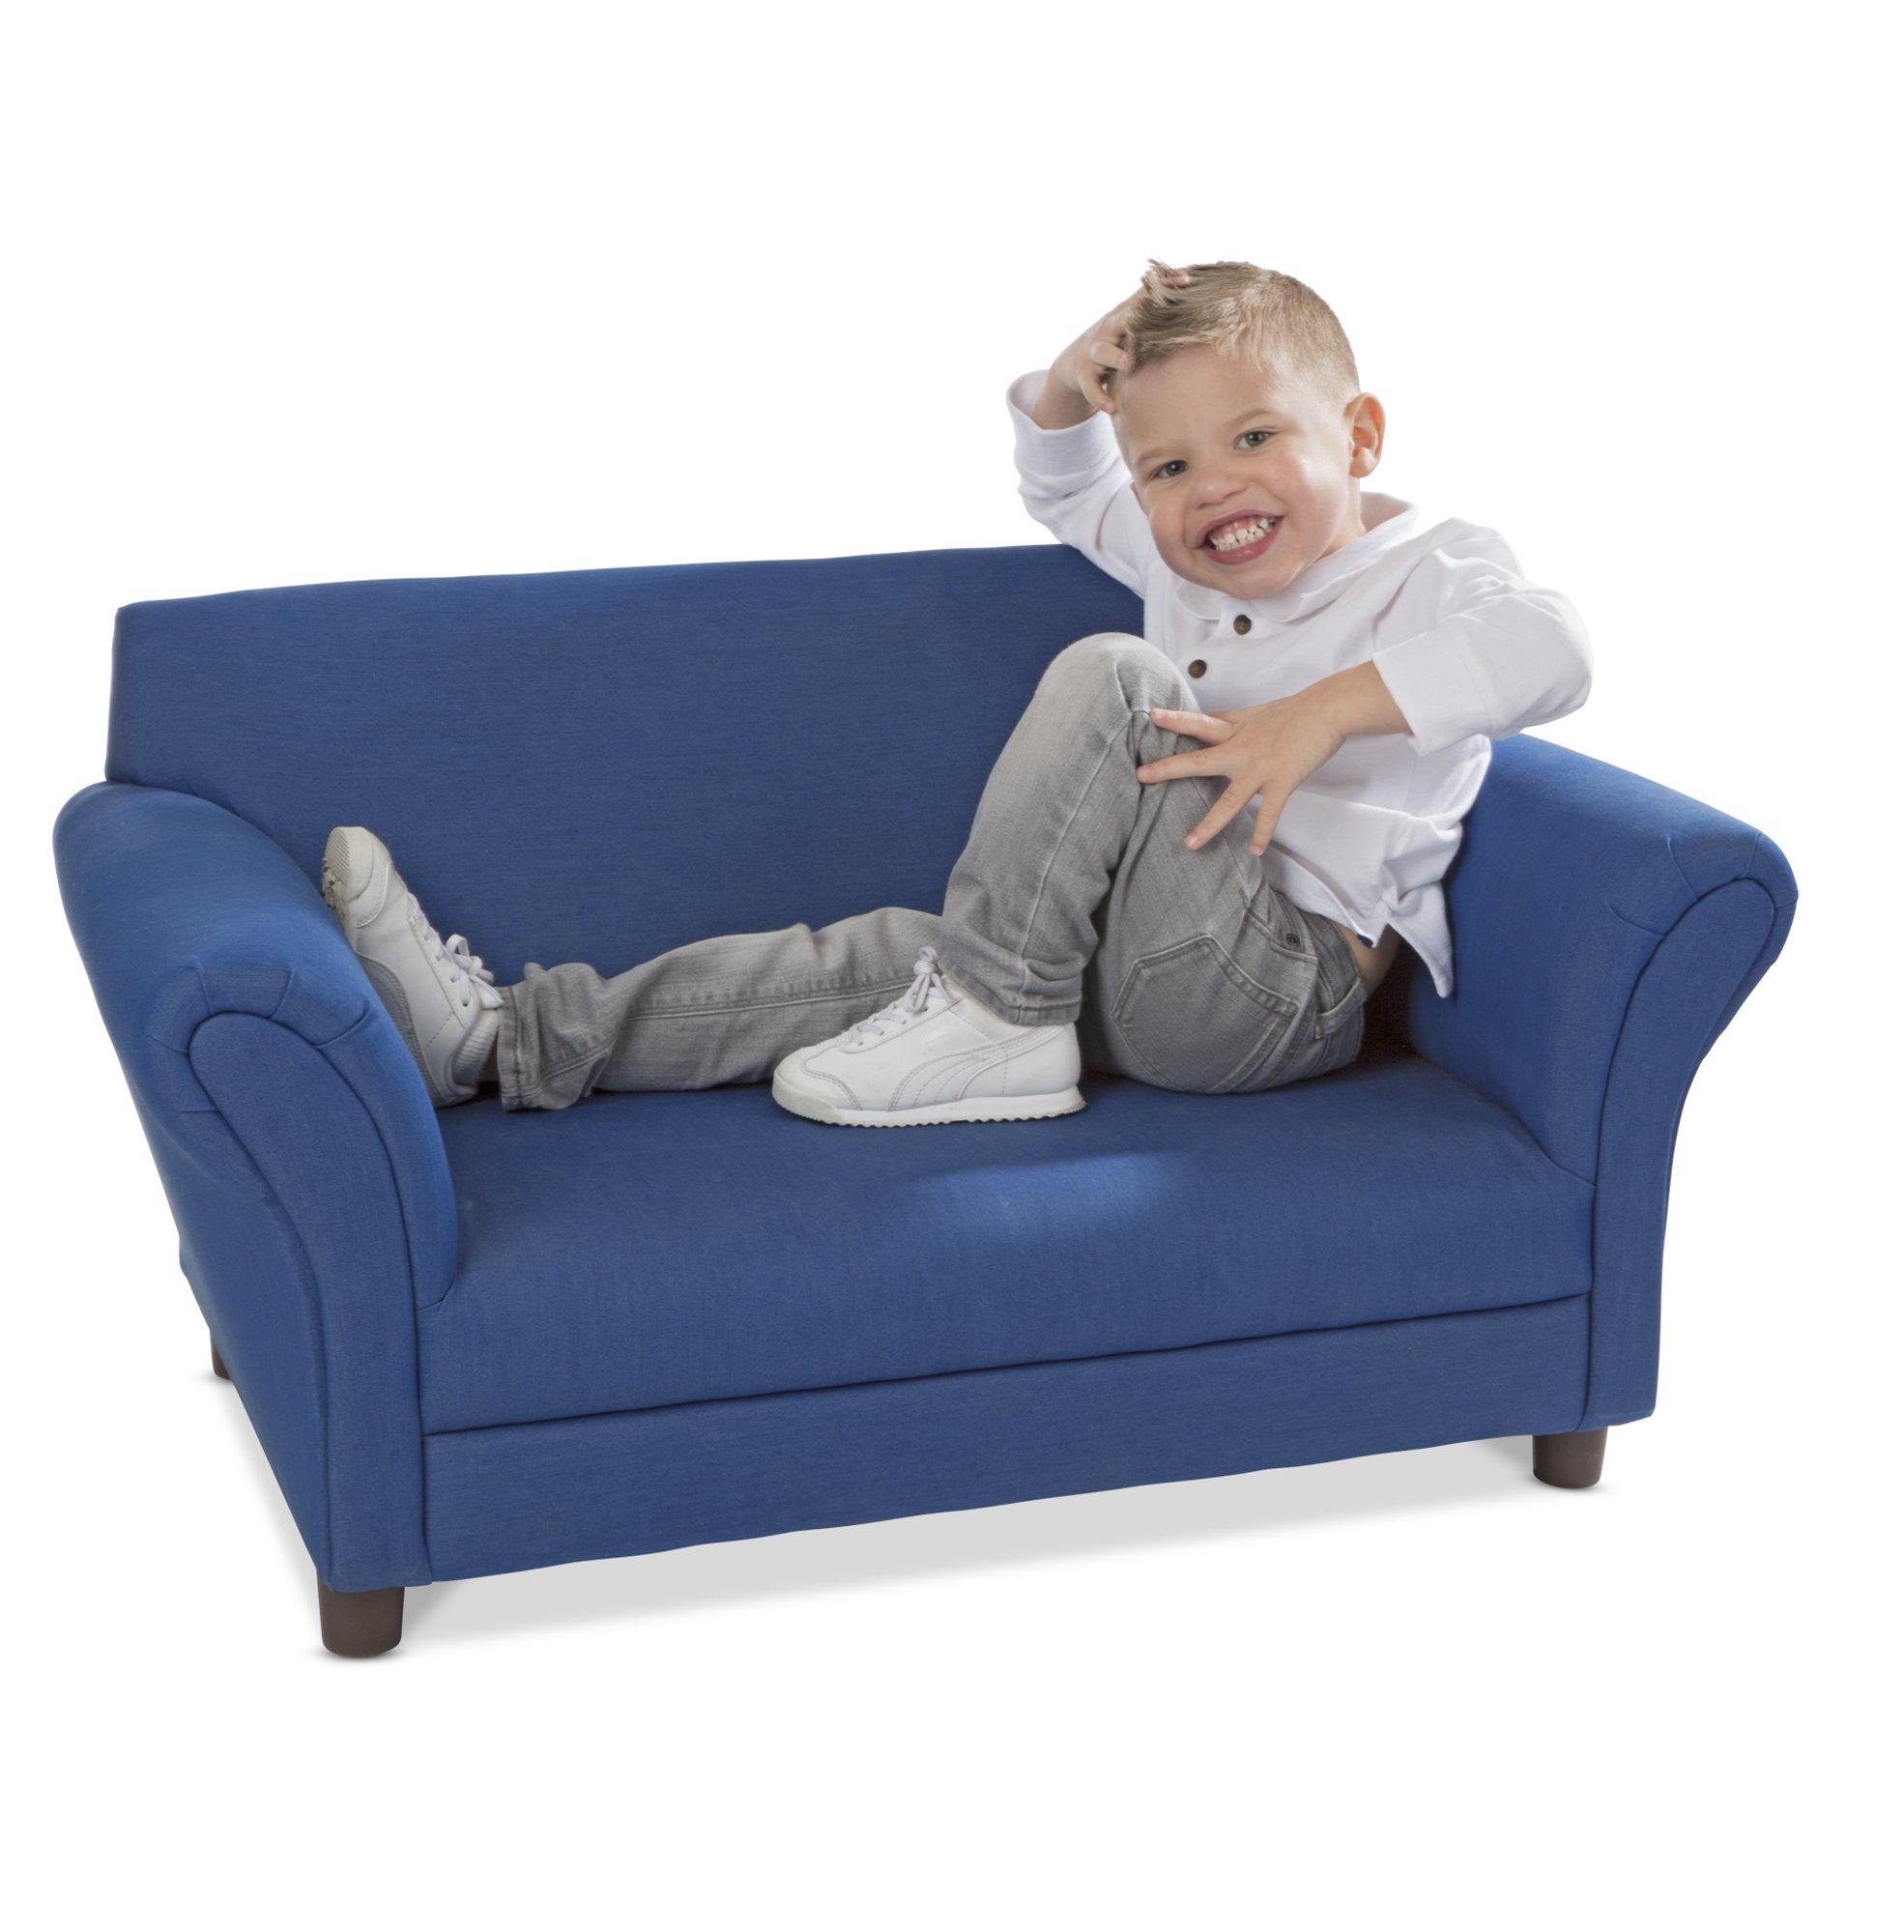 Melissa & Doug Child's Sofa - Denim Children's Furniture